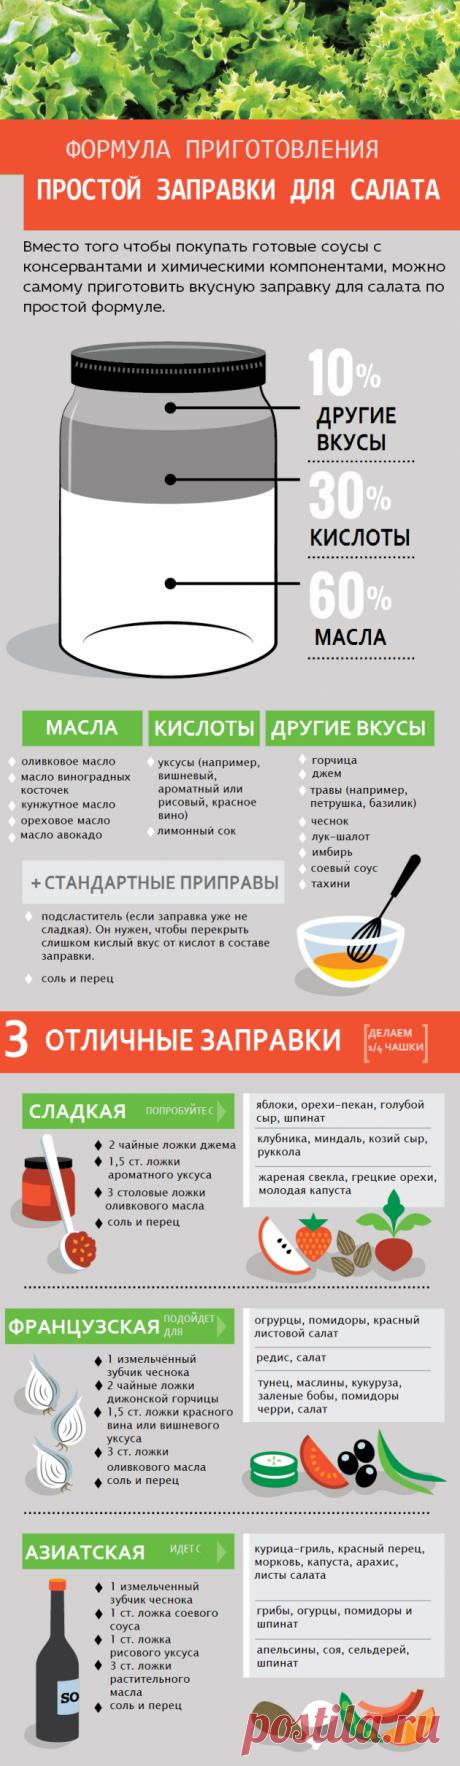 ИНФОГРАФИКА: простая формула полезной заправки для салата